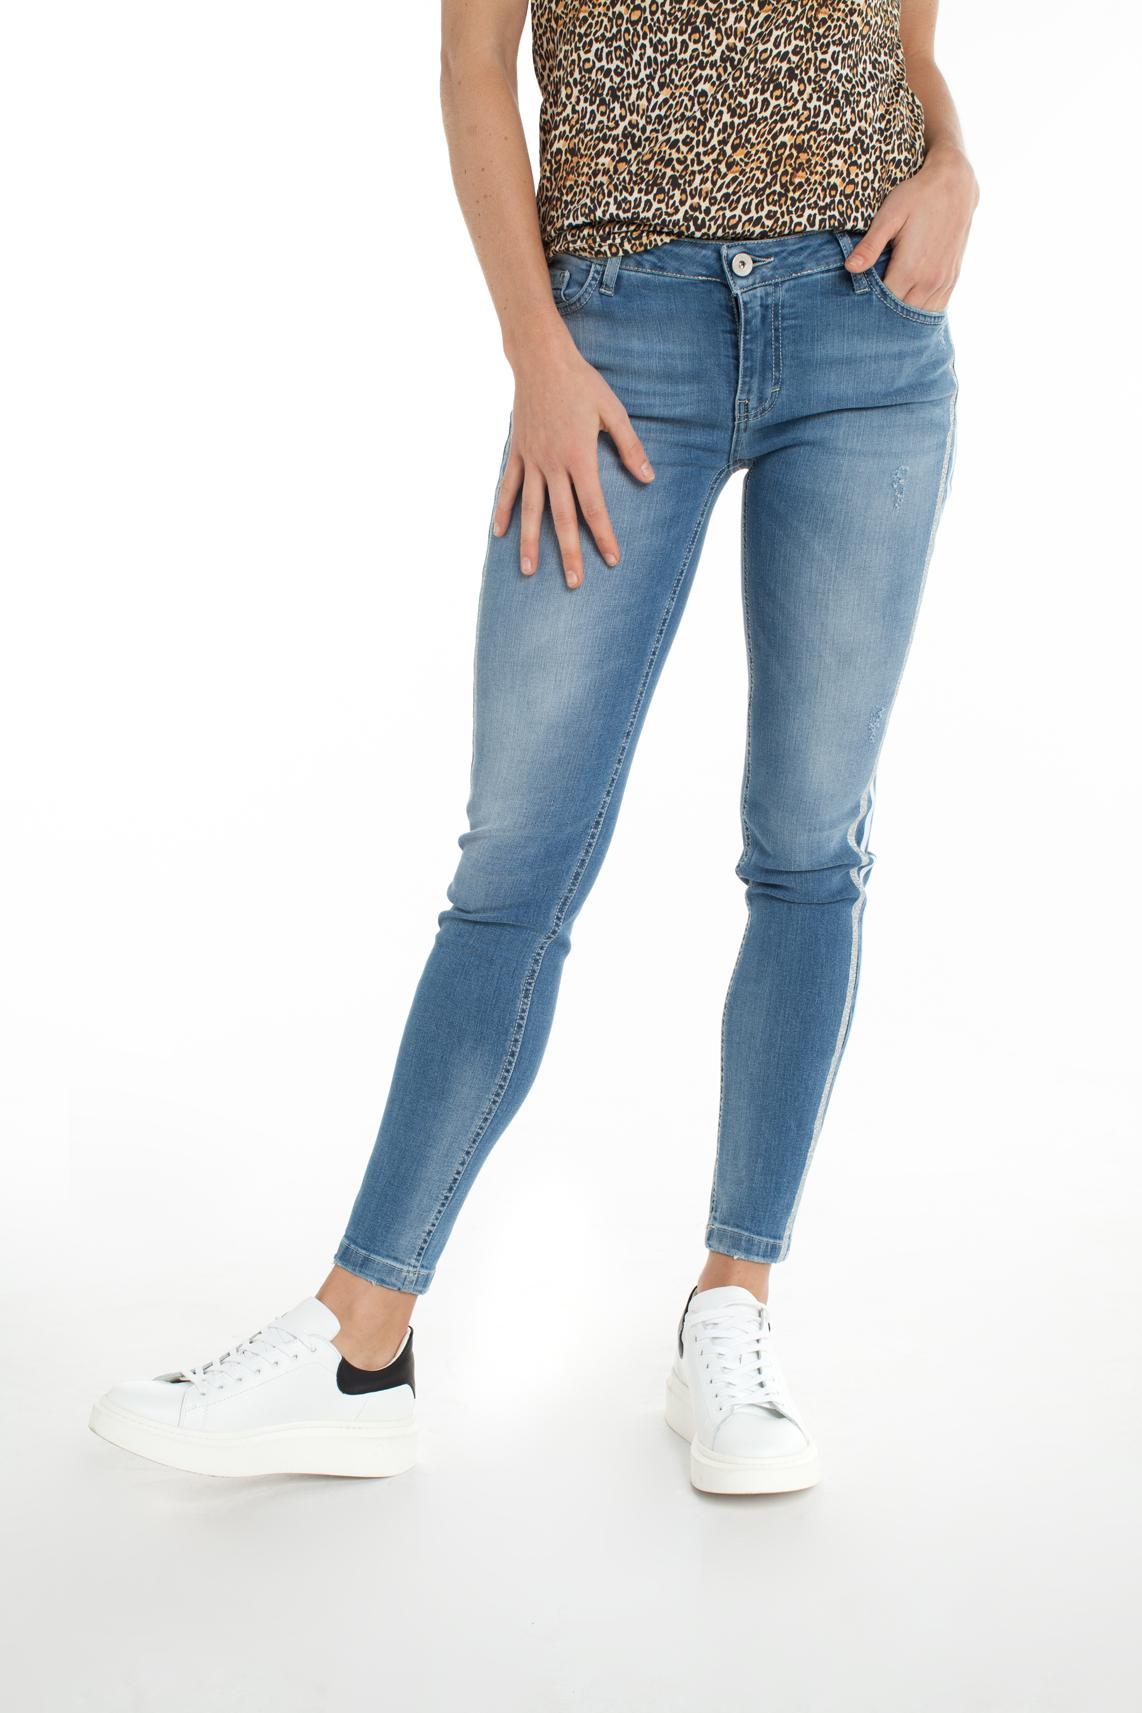 Kocca Dames Bagkin jeans met glitter bies Blauw